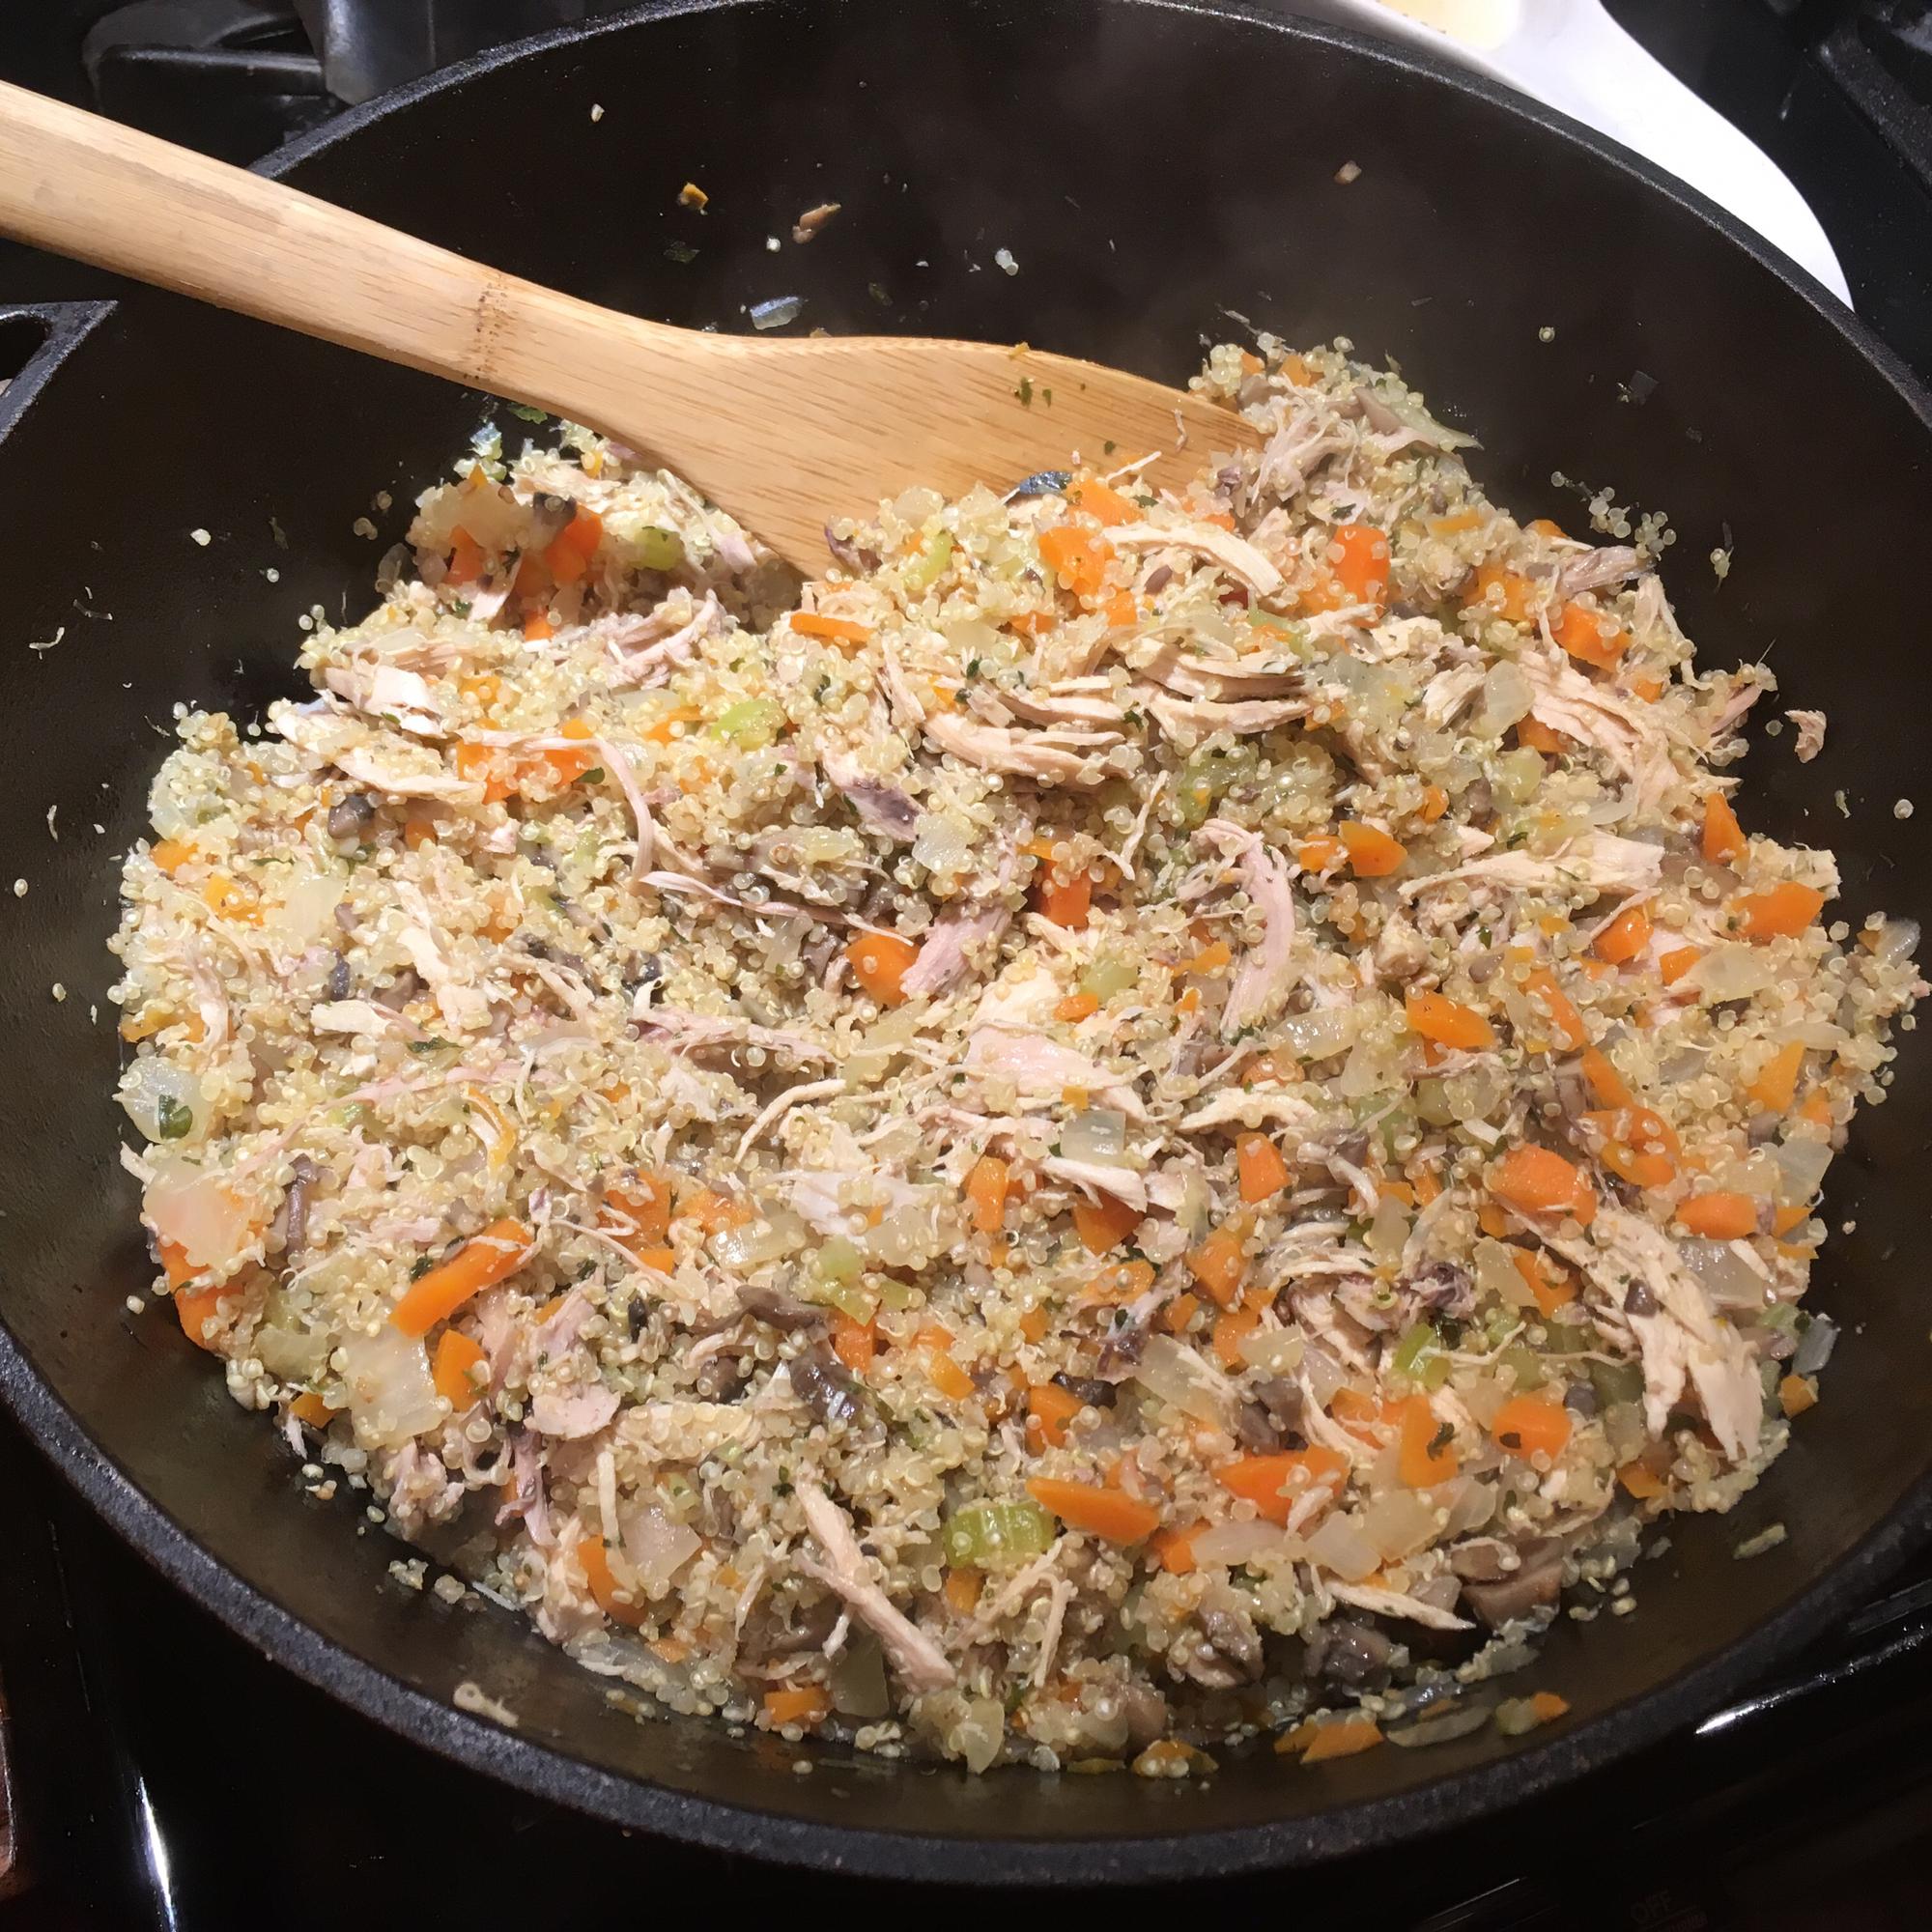 Chicken Quinoa abruley